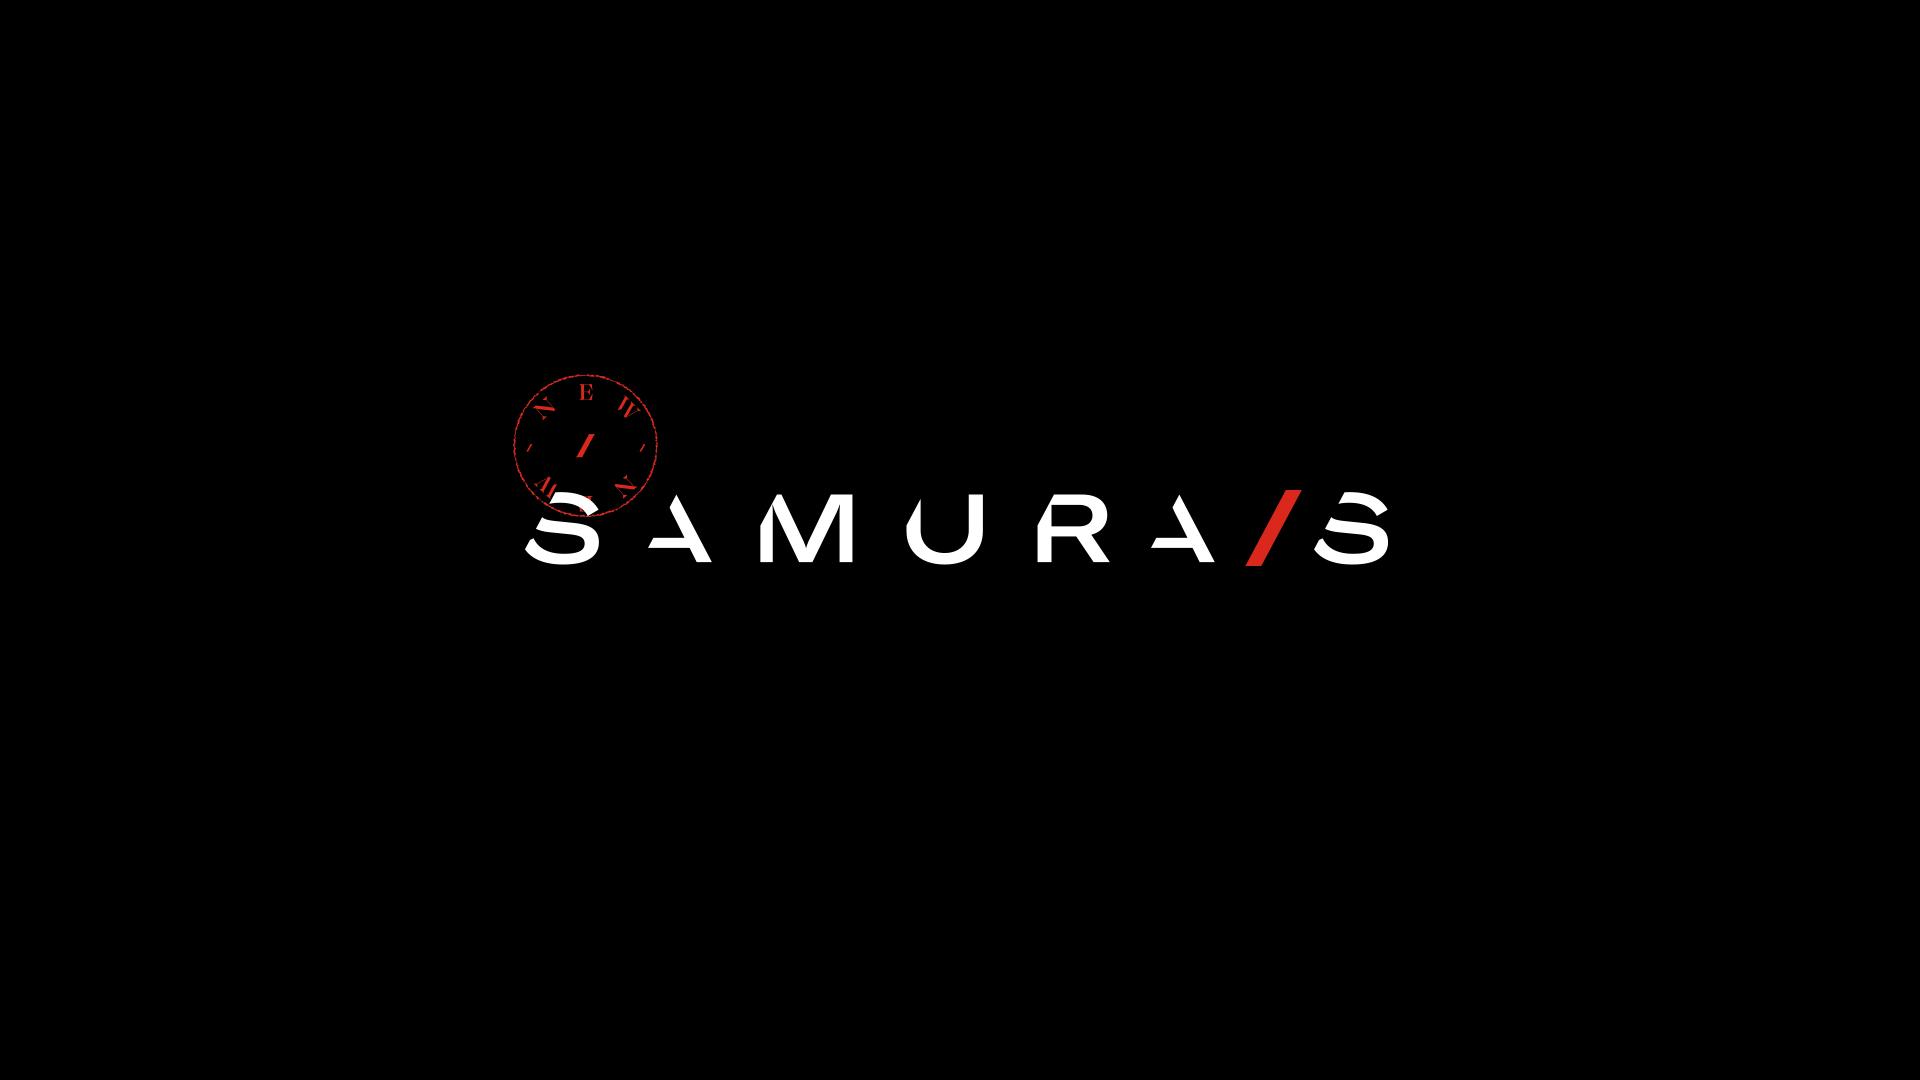 samurais-04-V2